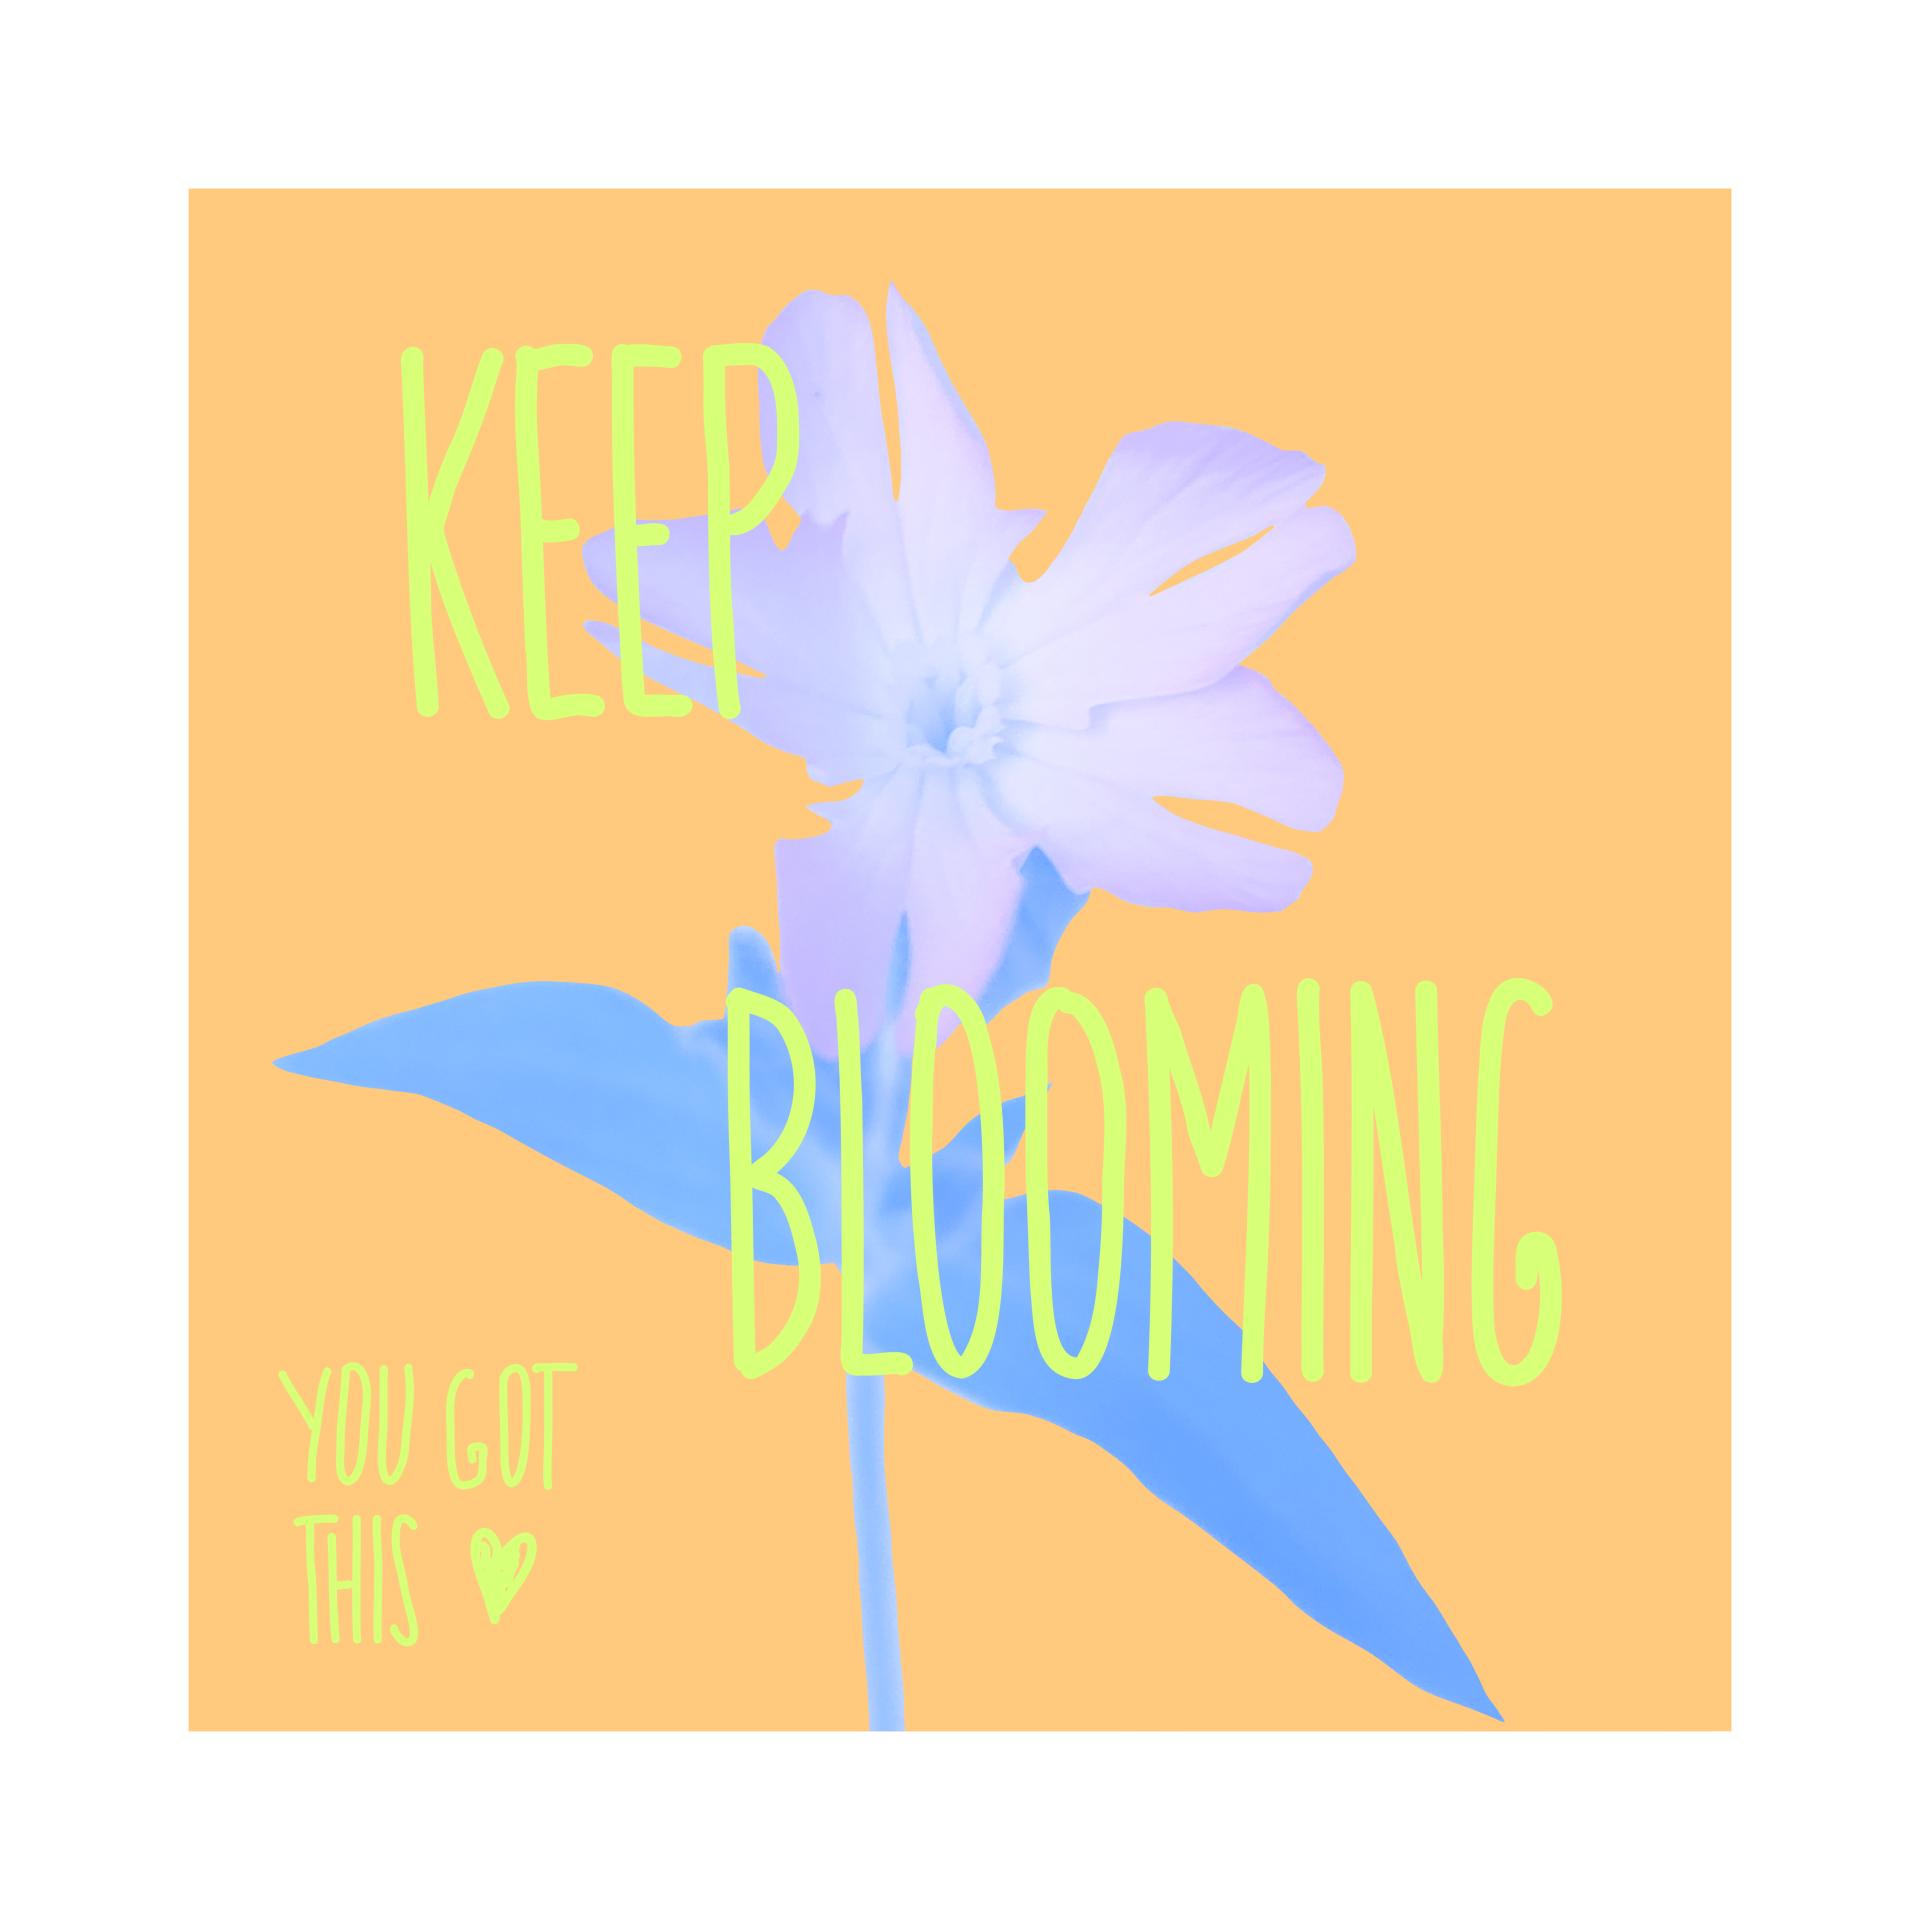 """illustration & bearbeitetes foto. hintergrund orange, farben: pastell-blau & gelb-grün. das foto der pflanze ist freigestellt & komplett blau eingefärbt. darüber steht """"keep blooming"""", links unten in der ecke """"you got this"""" mit einem herz"""